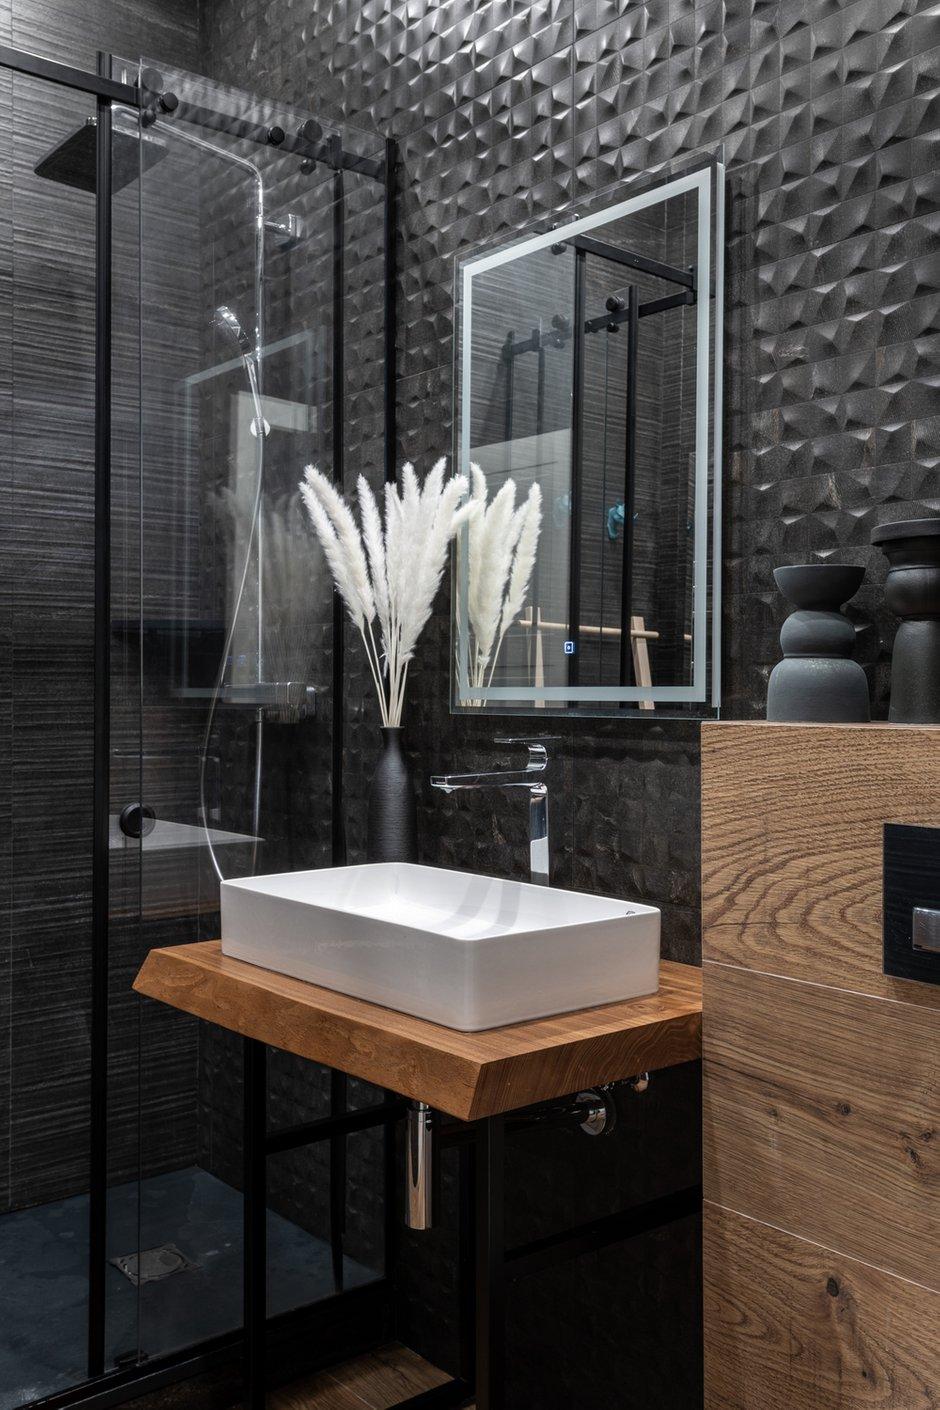 Гостевой санузел — душ со стеклянной перегородкой и плитка в урбанистической стилистике темно-графитового цвета.